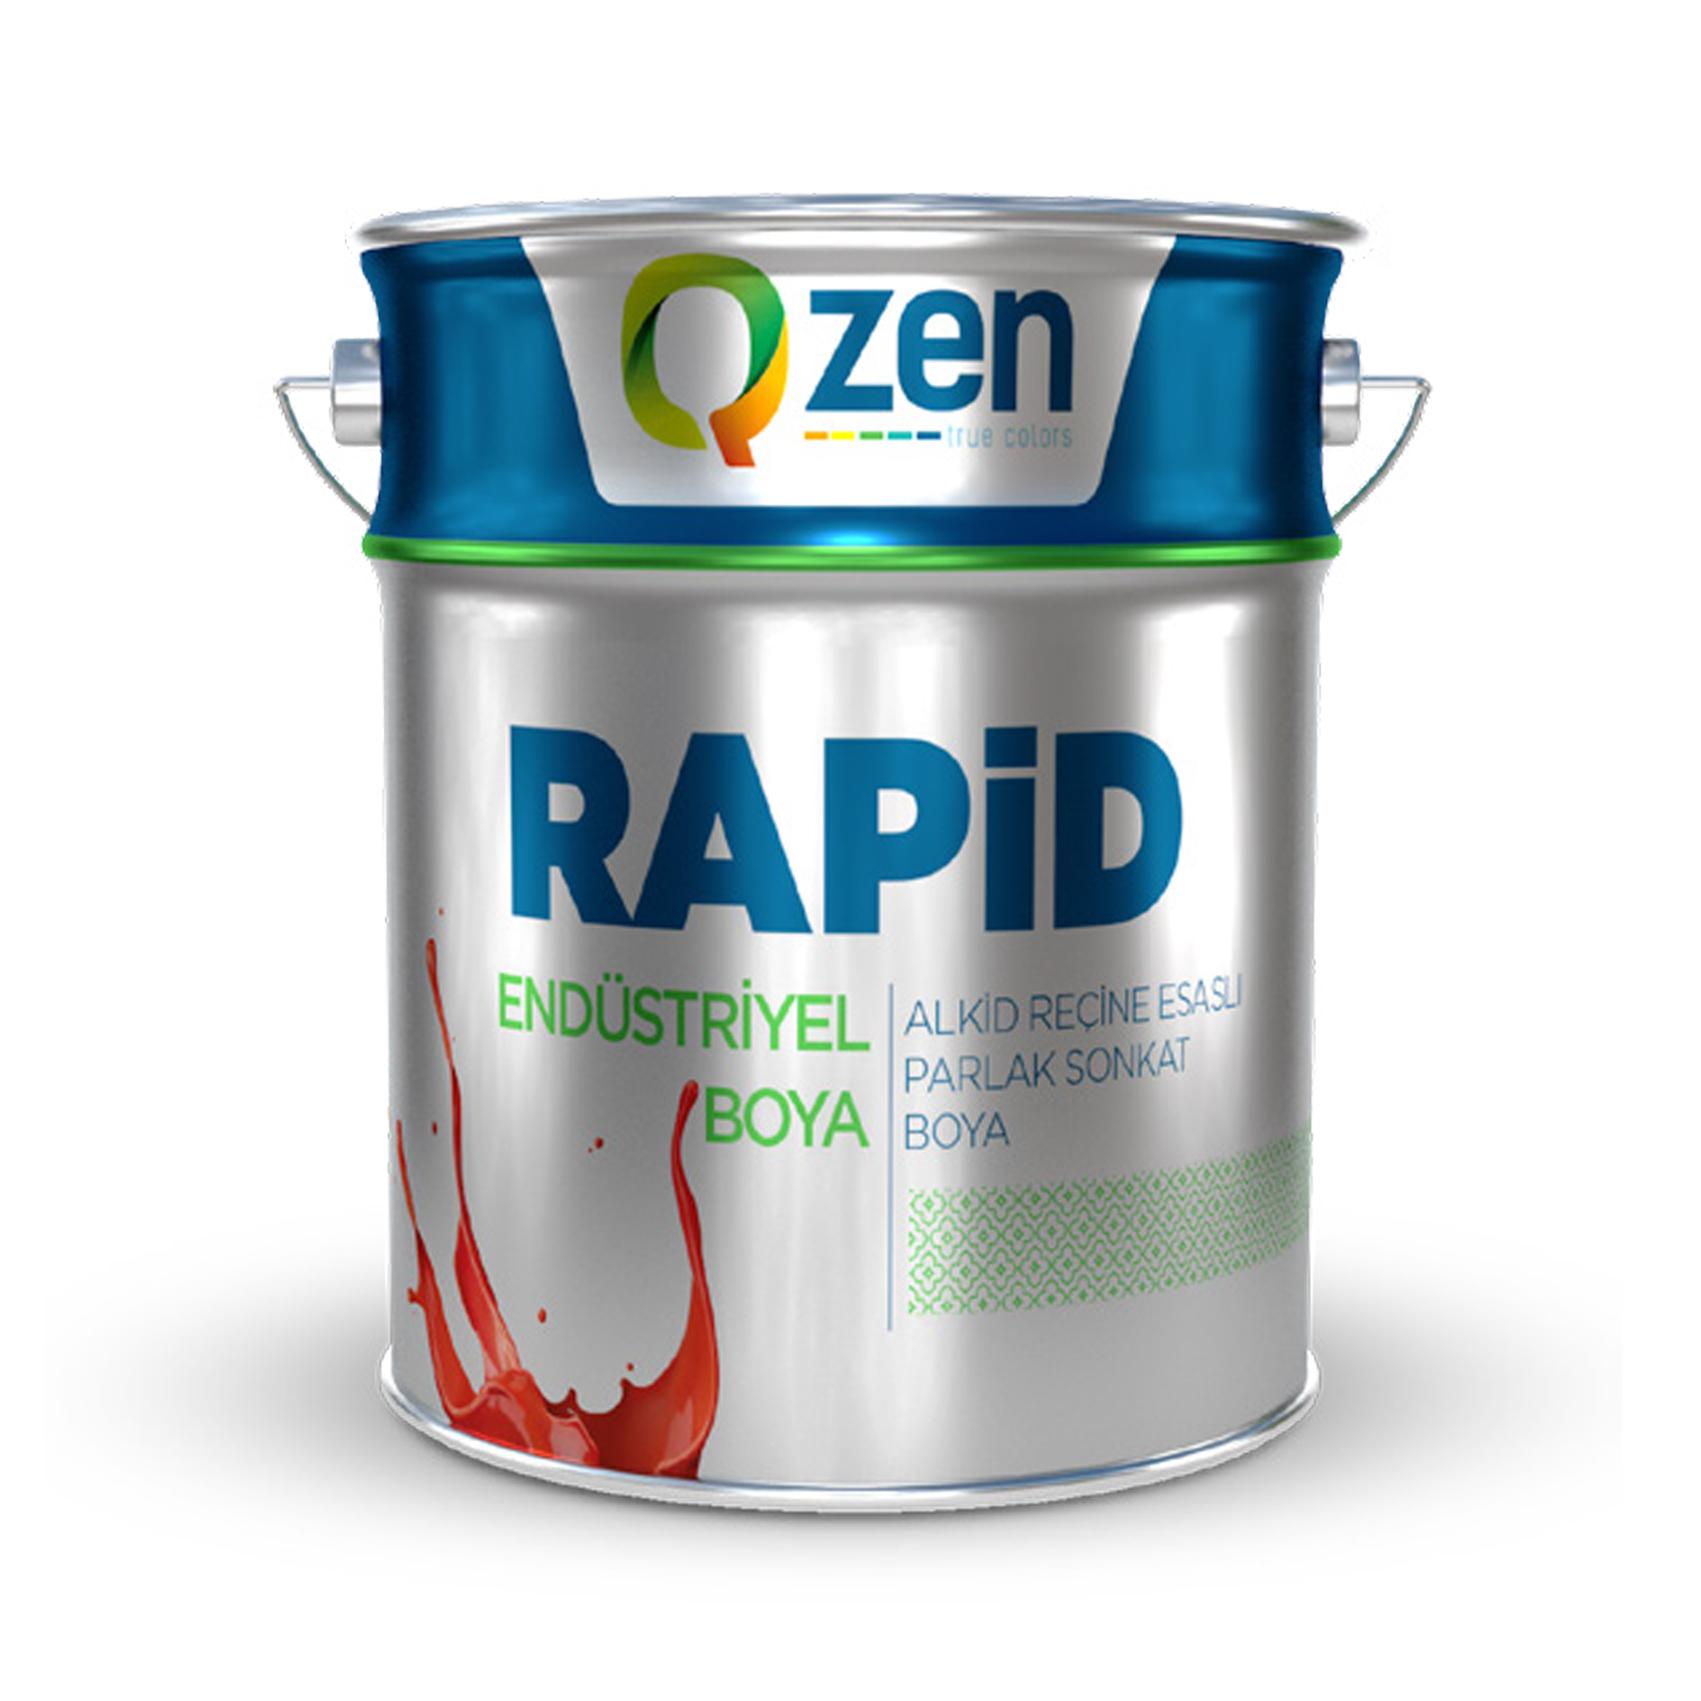 rapid_boya